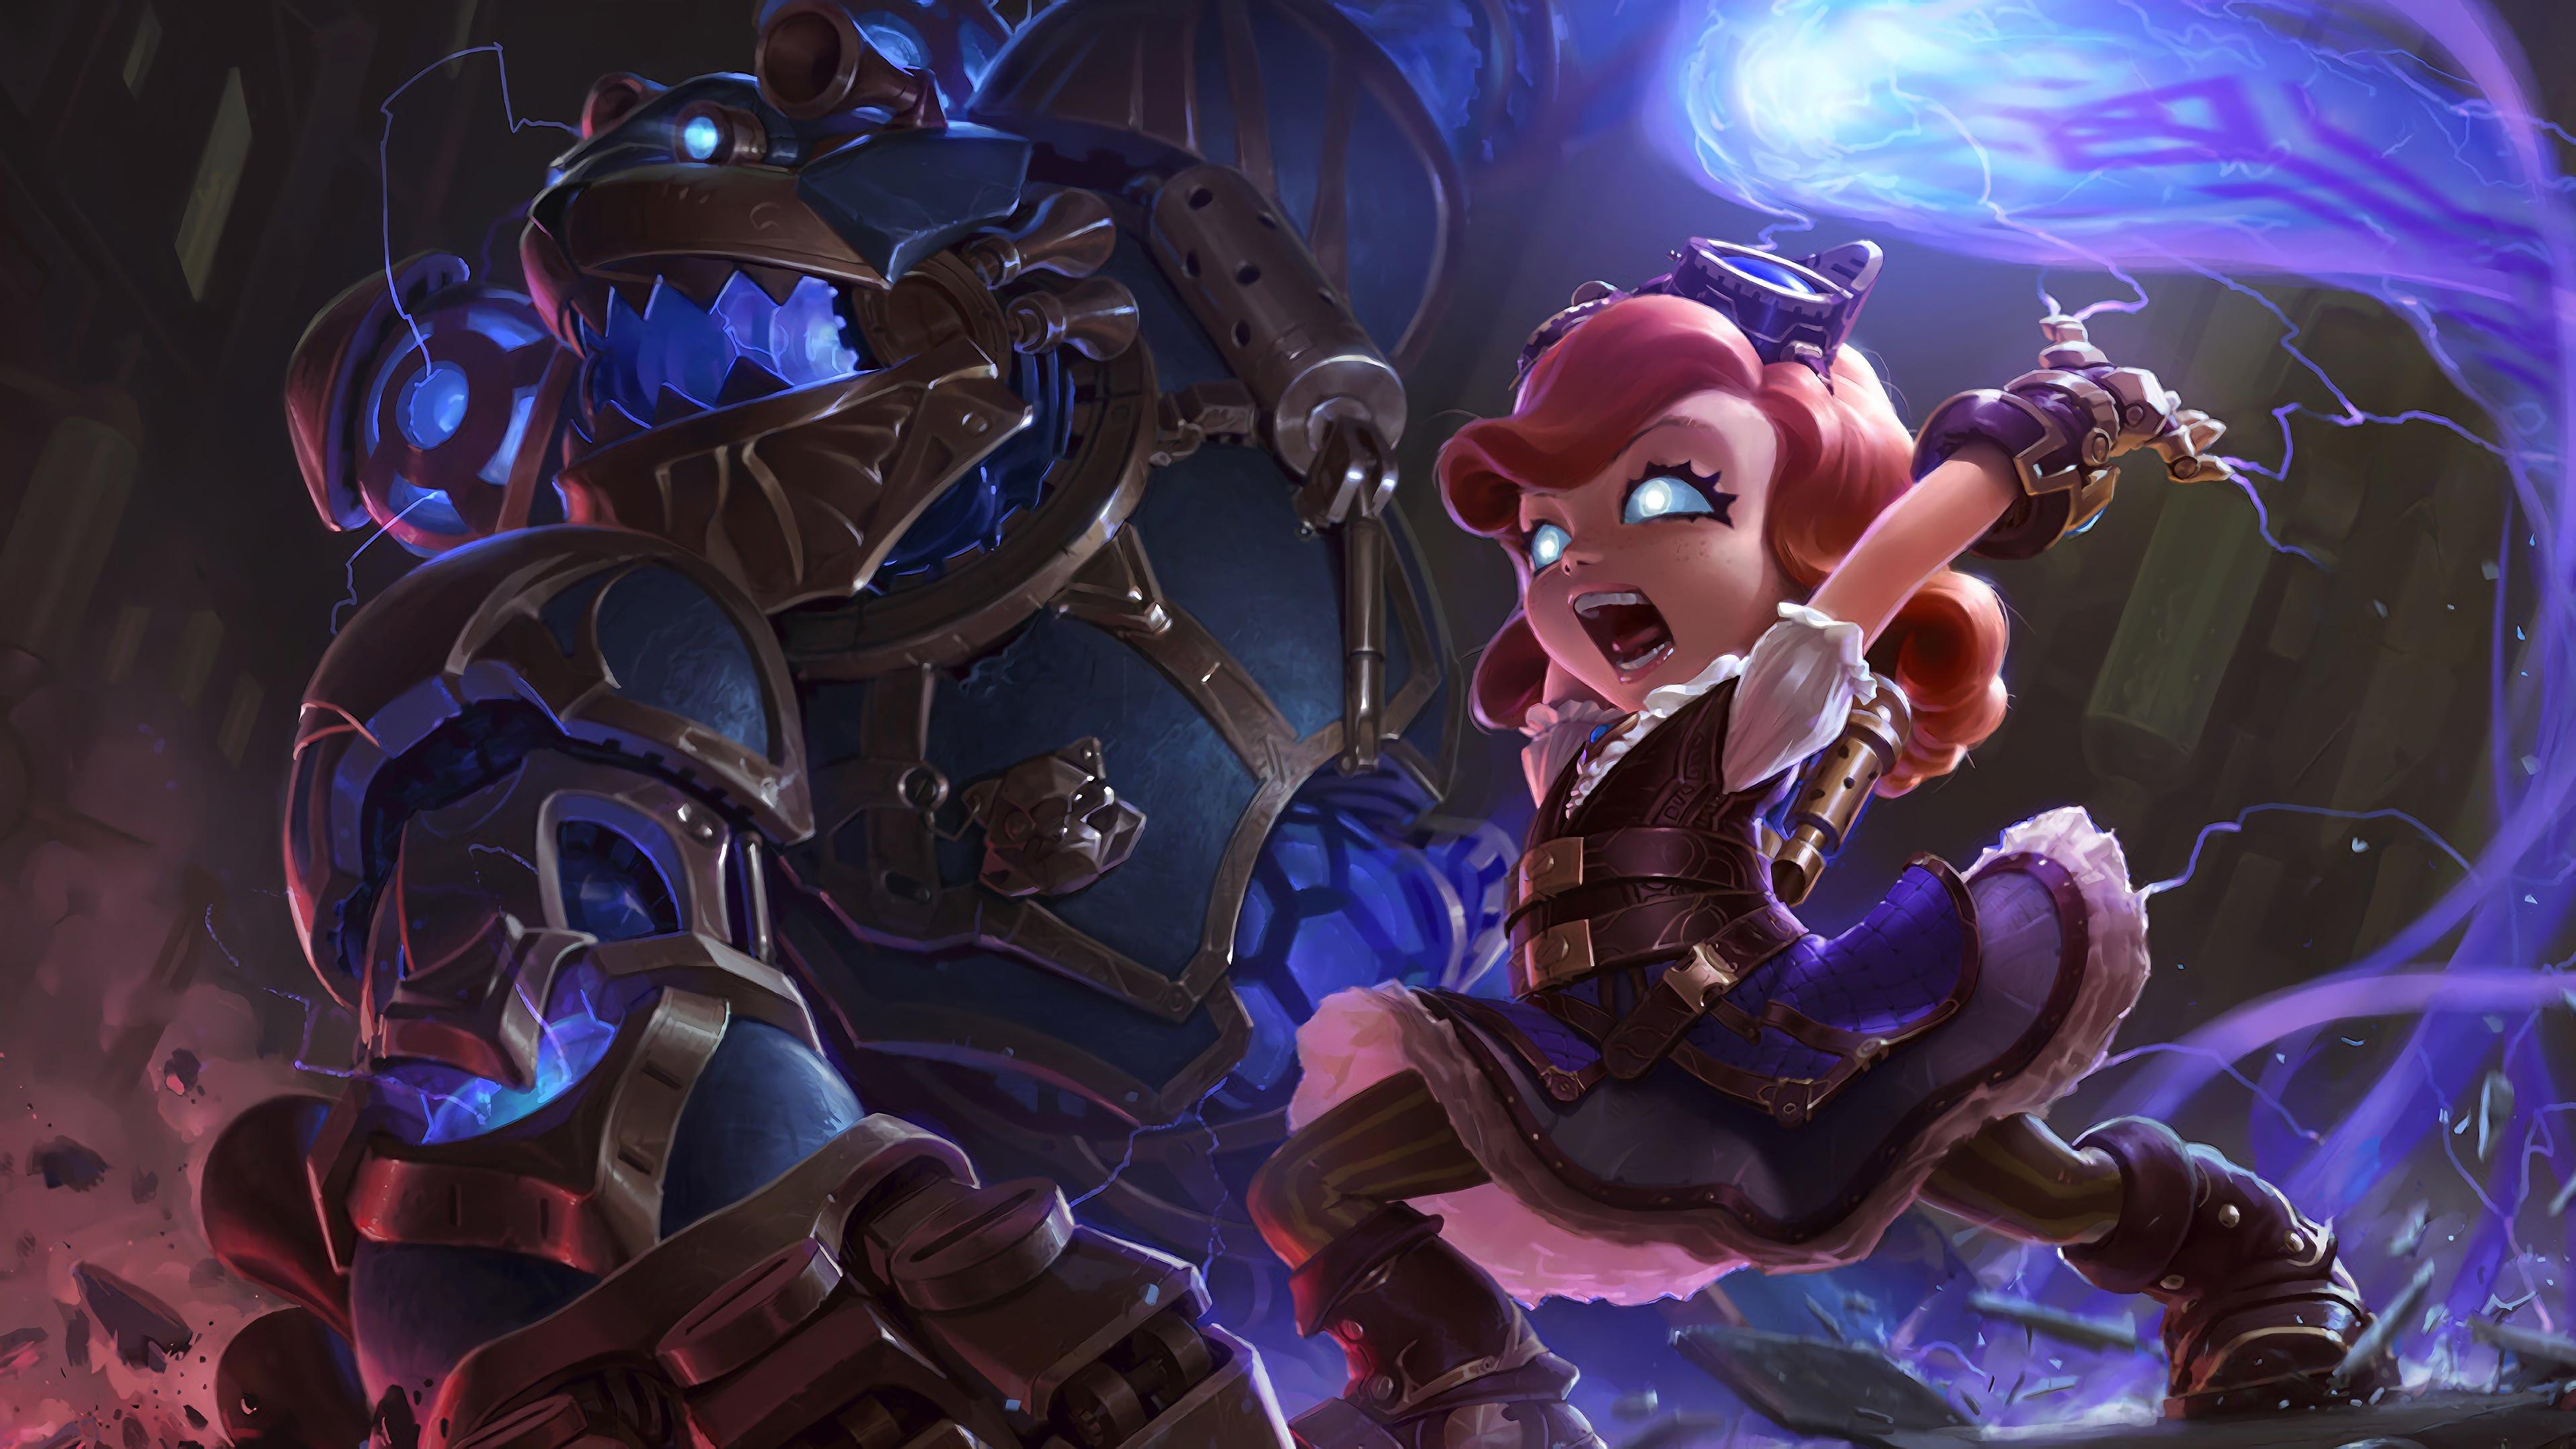 hextech annie lol splash art league of legends lol 1574101710 - Hextech Annie LoL Splash Art League of Legends lol - league of legends, Hextech - League of Legends, Annie